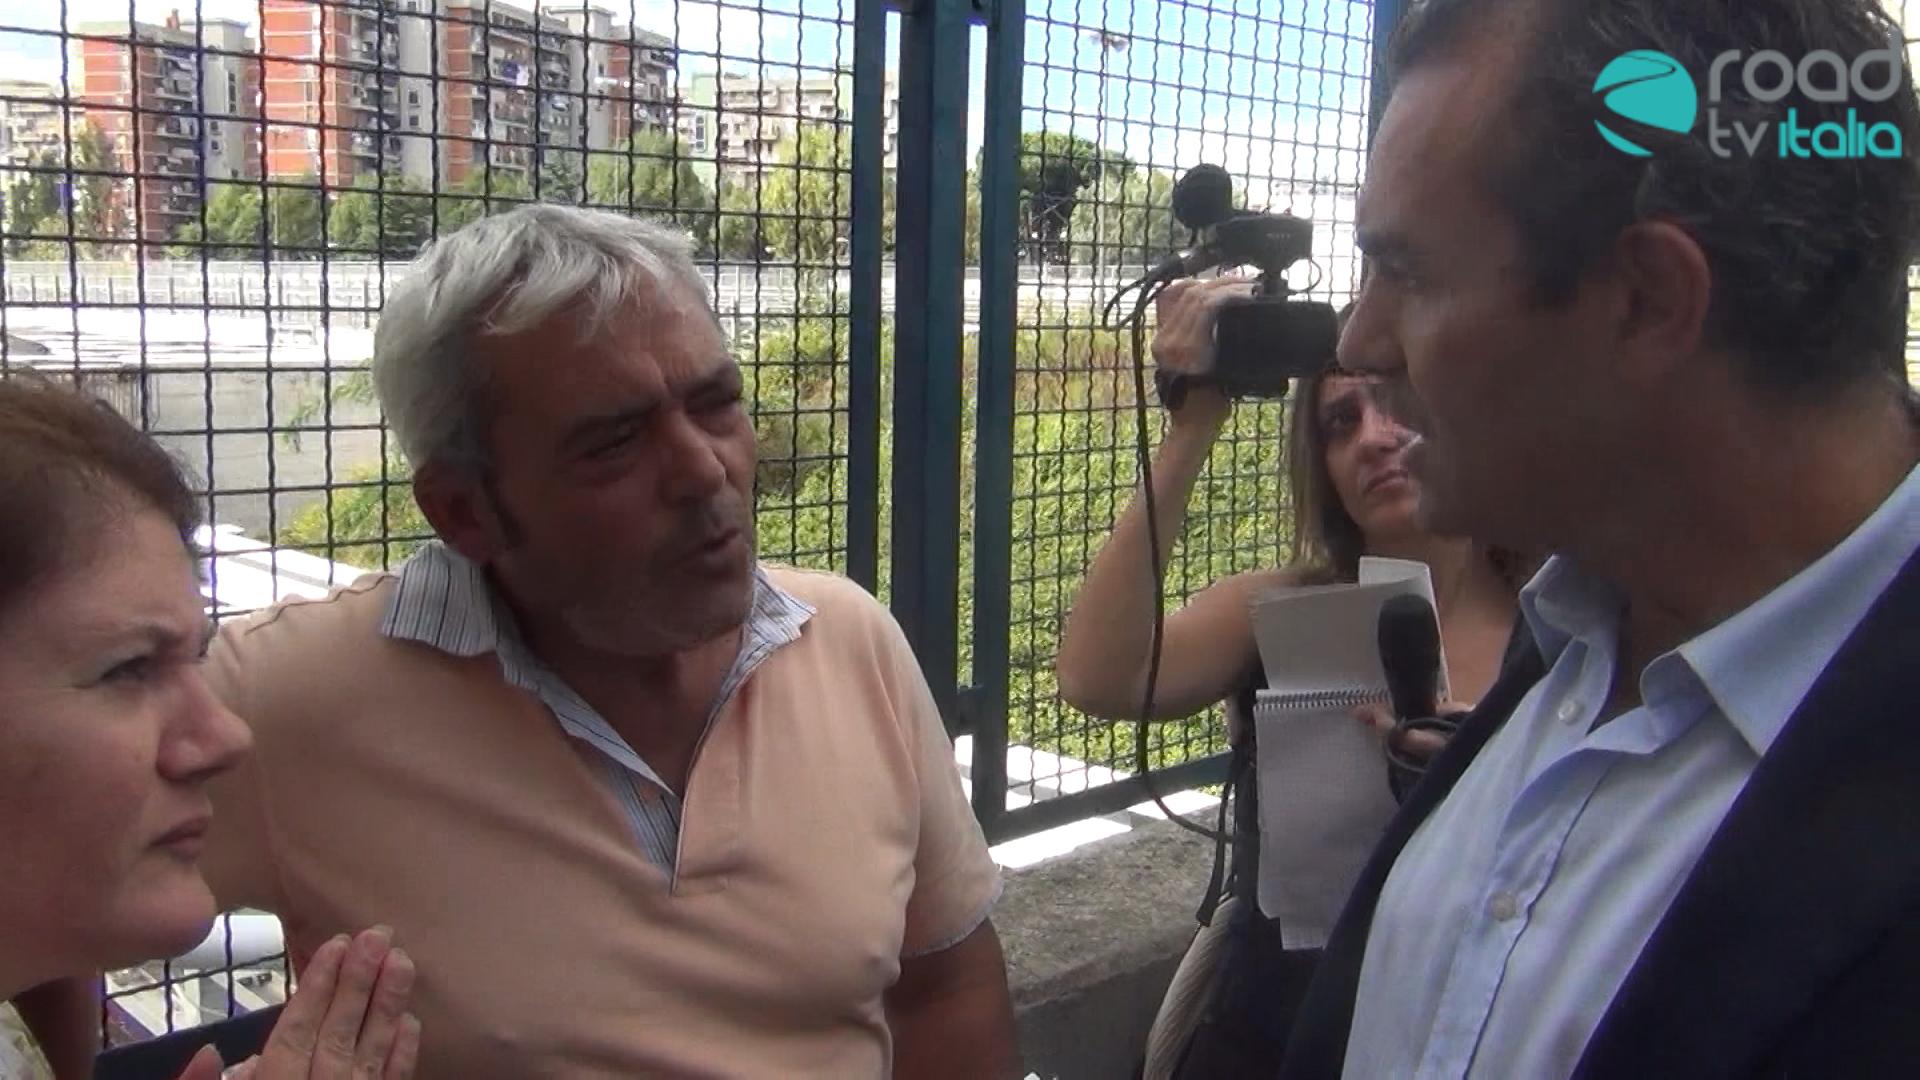 Felimetrò, inaugurazione con polemica: e alla metro di Scampia chi ci pensa? (VIDEO)